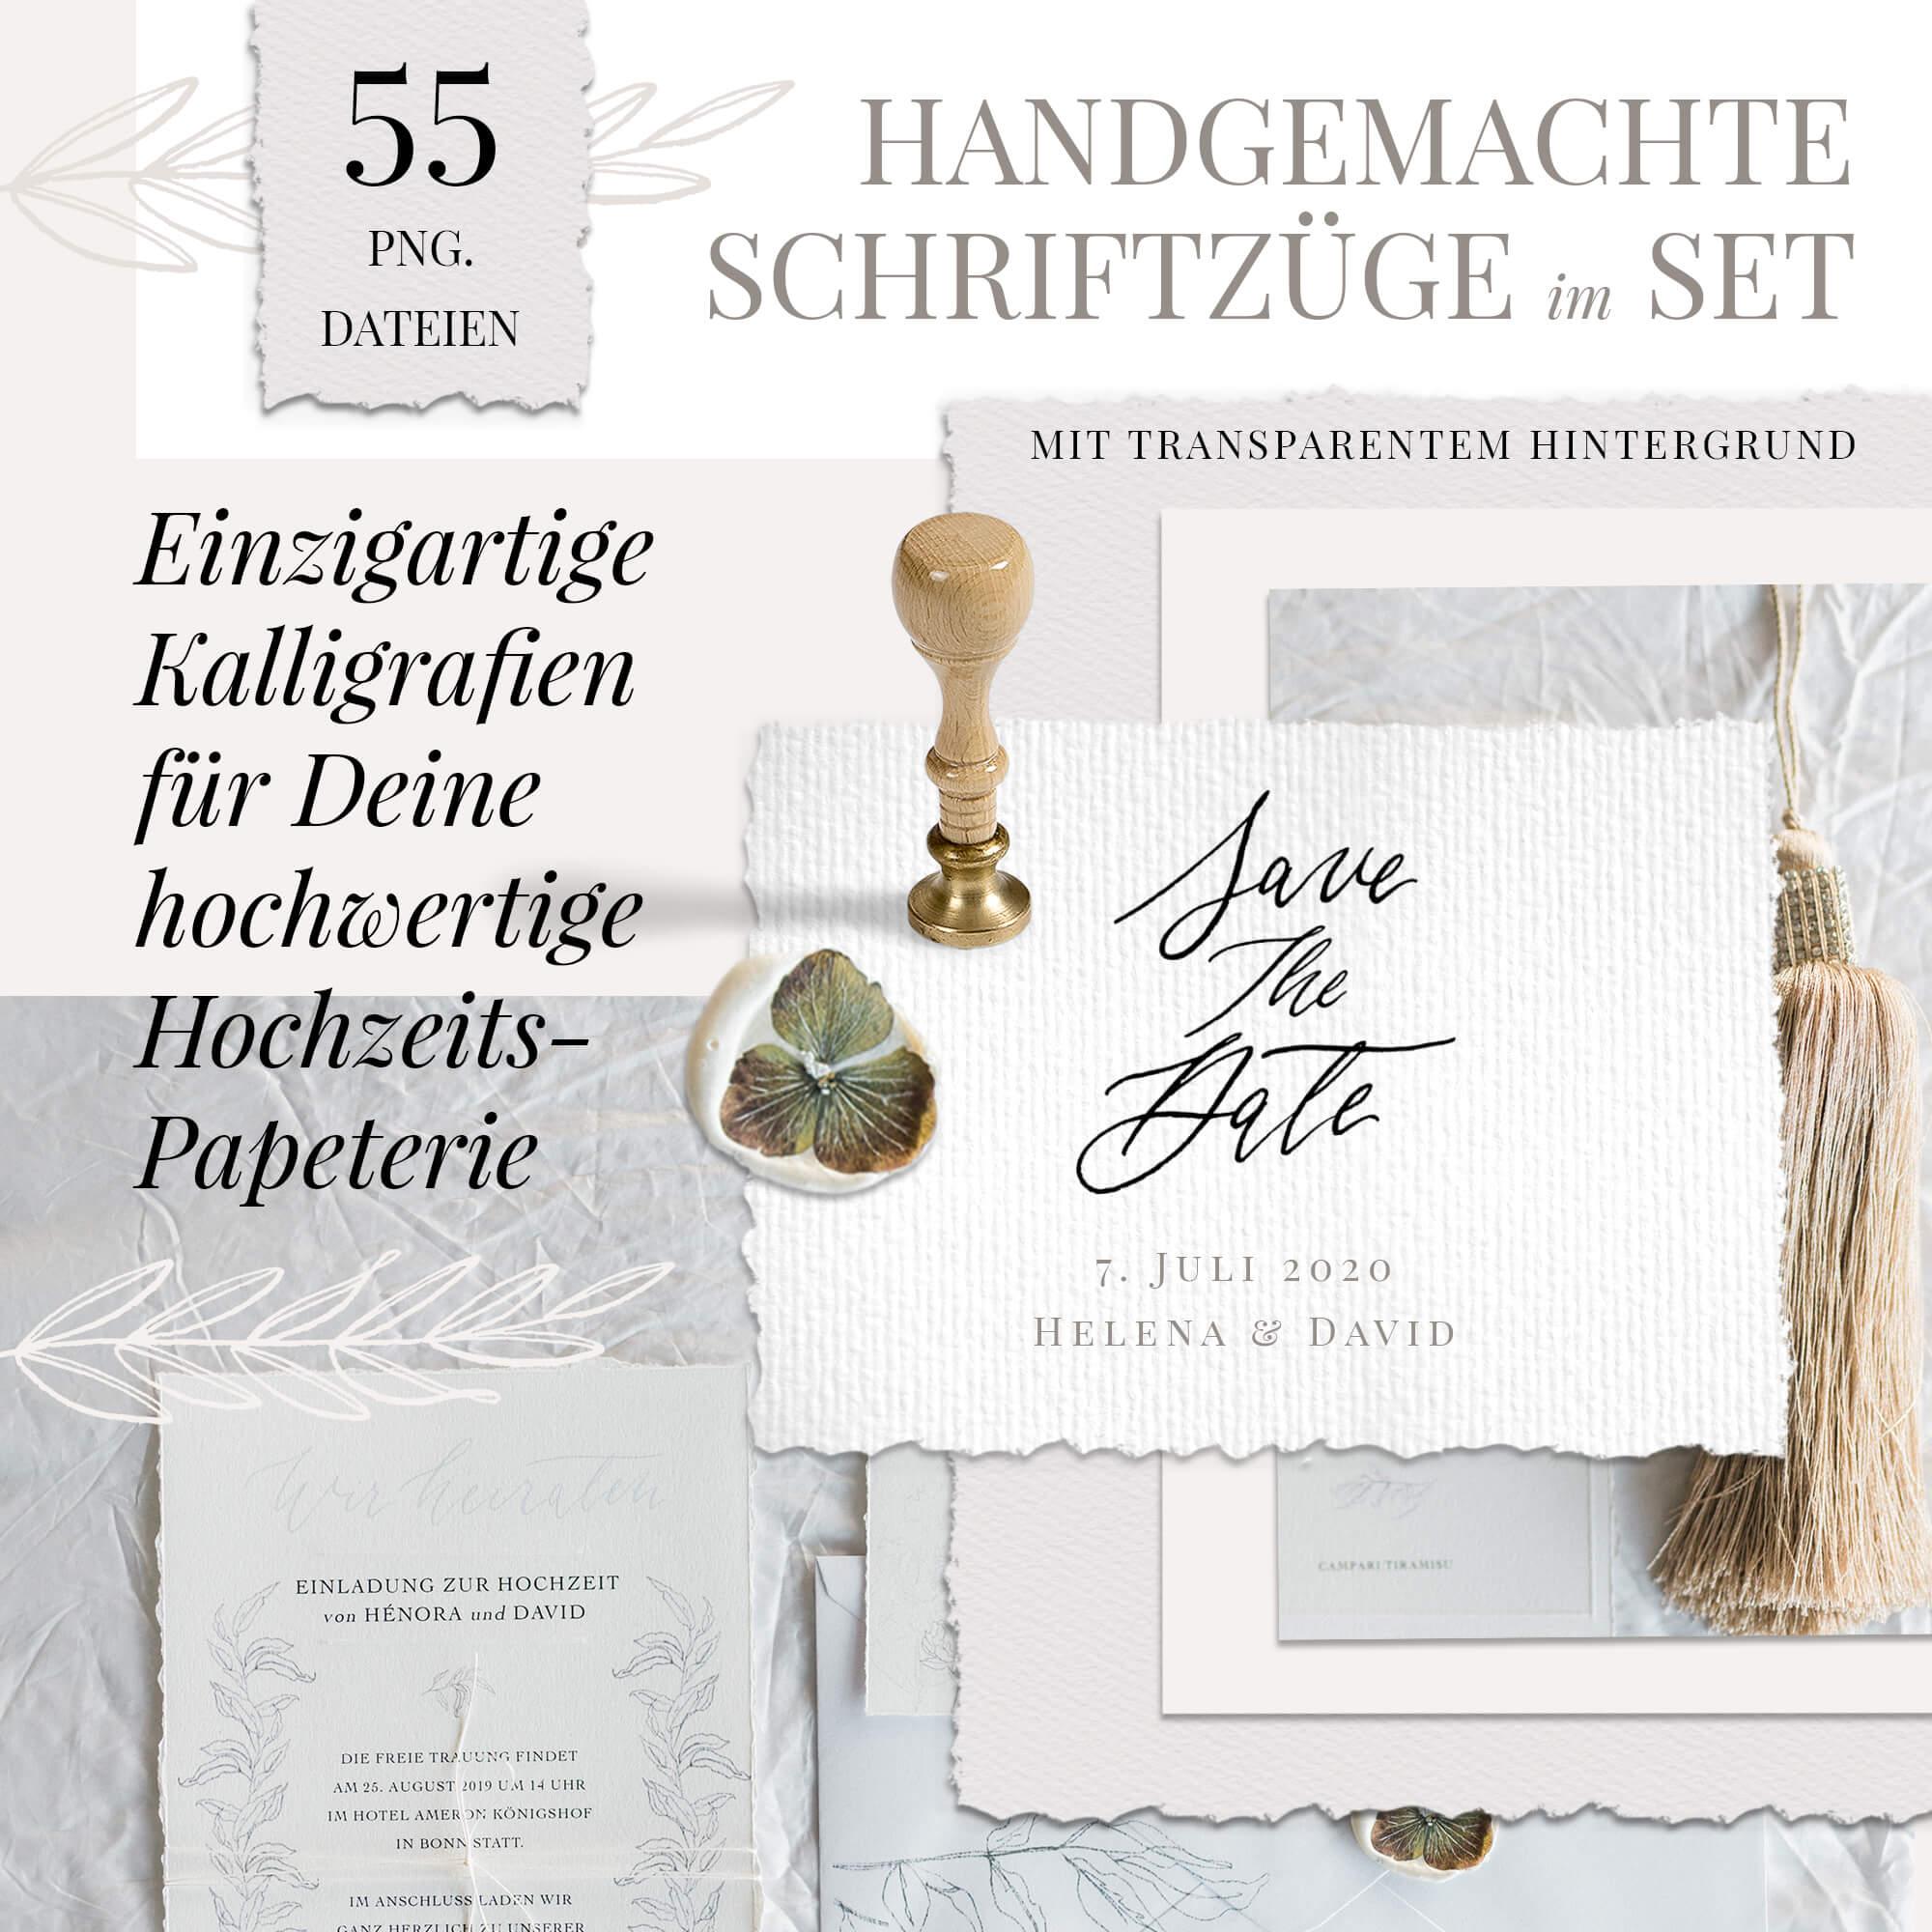 Kalligraphie Hochzeitseinladungen selbst selber drucken gestalten basteln Ideen DIY Vintage günstig Hochzeit Sprüche Text Einladung Kalligrafie Schriften verschnörkelt